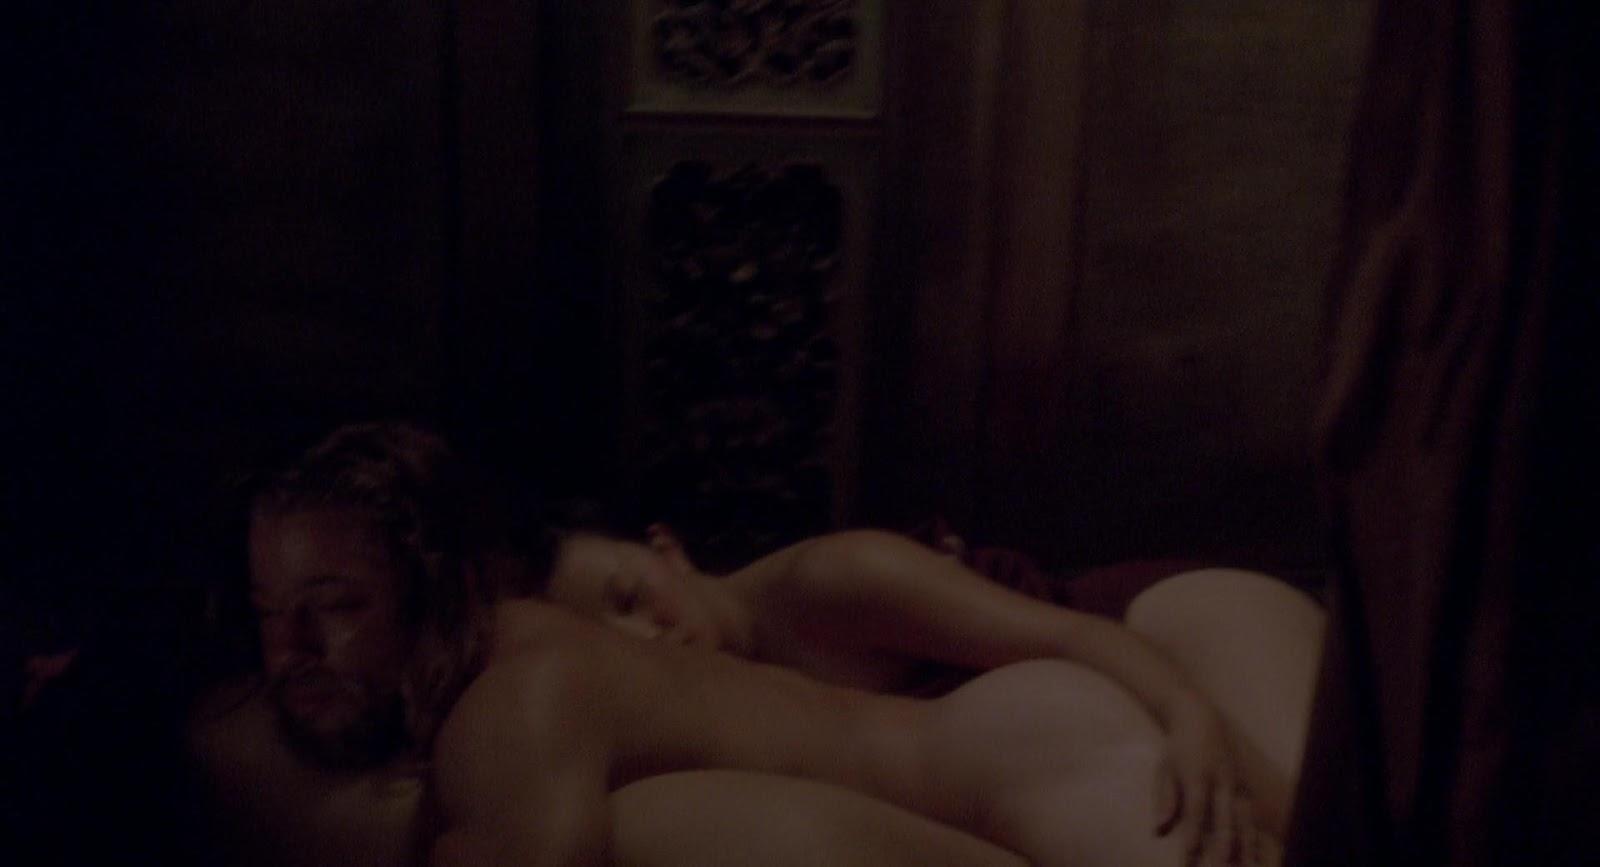 Nude Fall 41